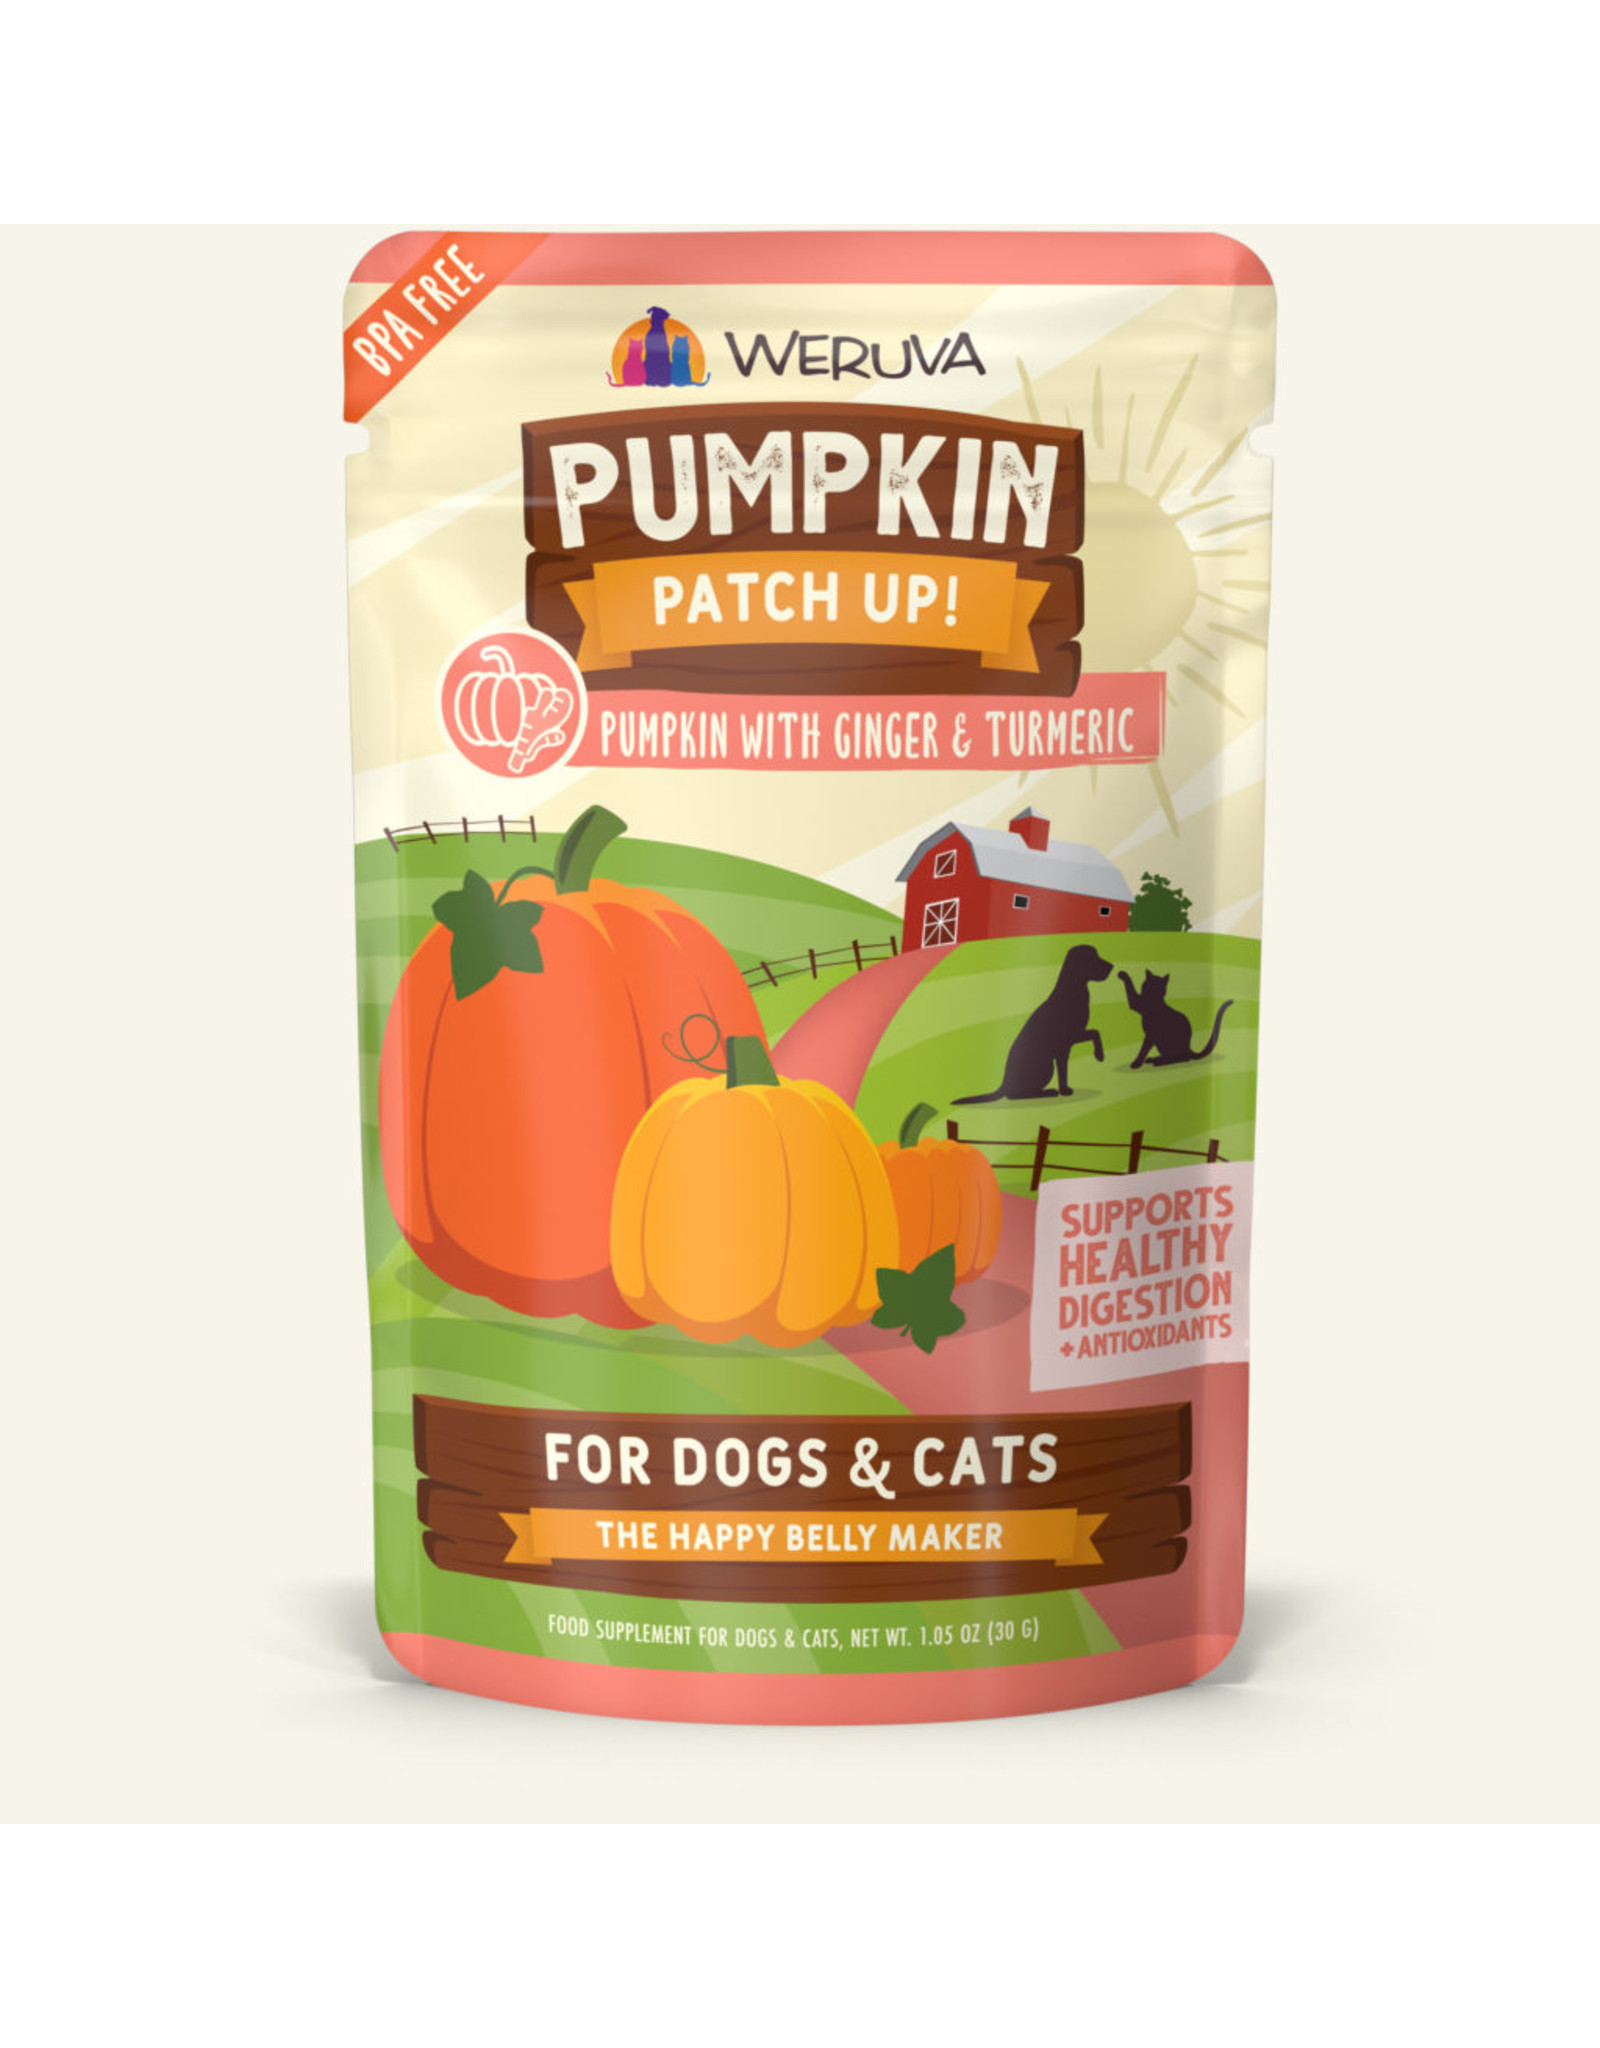 Weruva Weruva Pouch Pumpkin Patch Up Pumpkin Puree plus Ginger & Turmeric Food Supplement